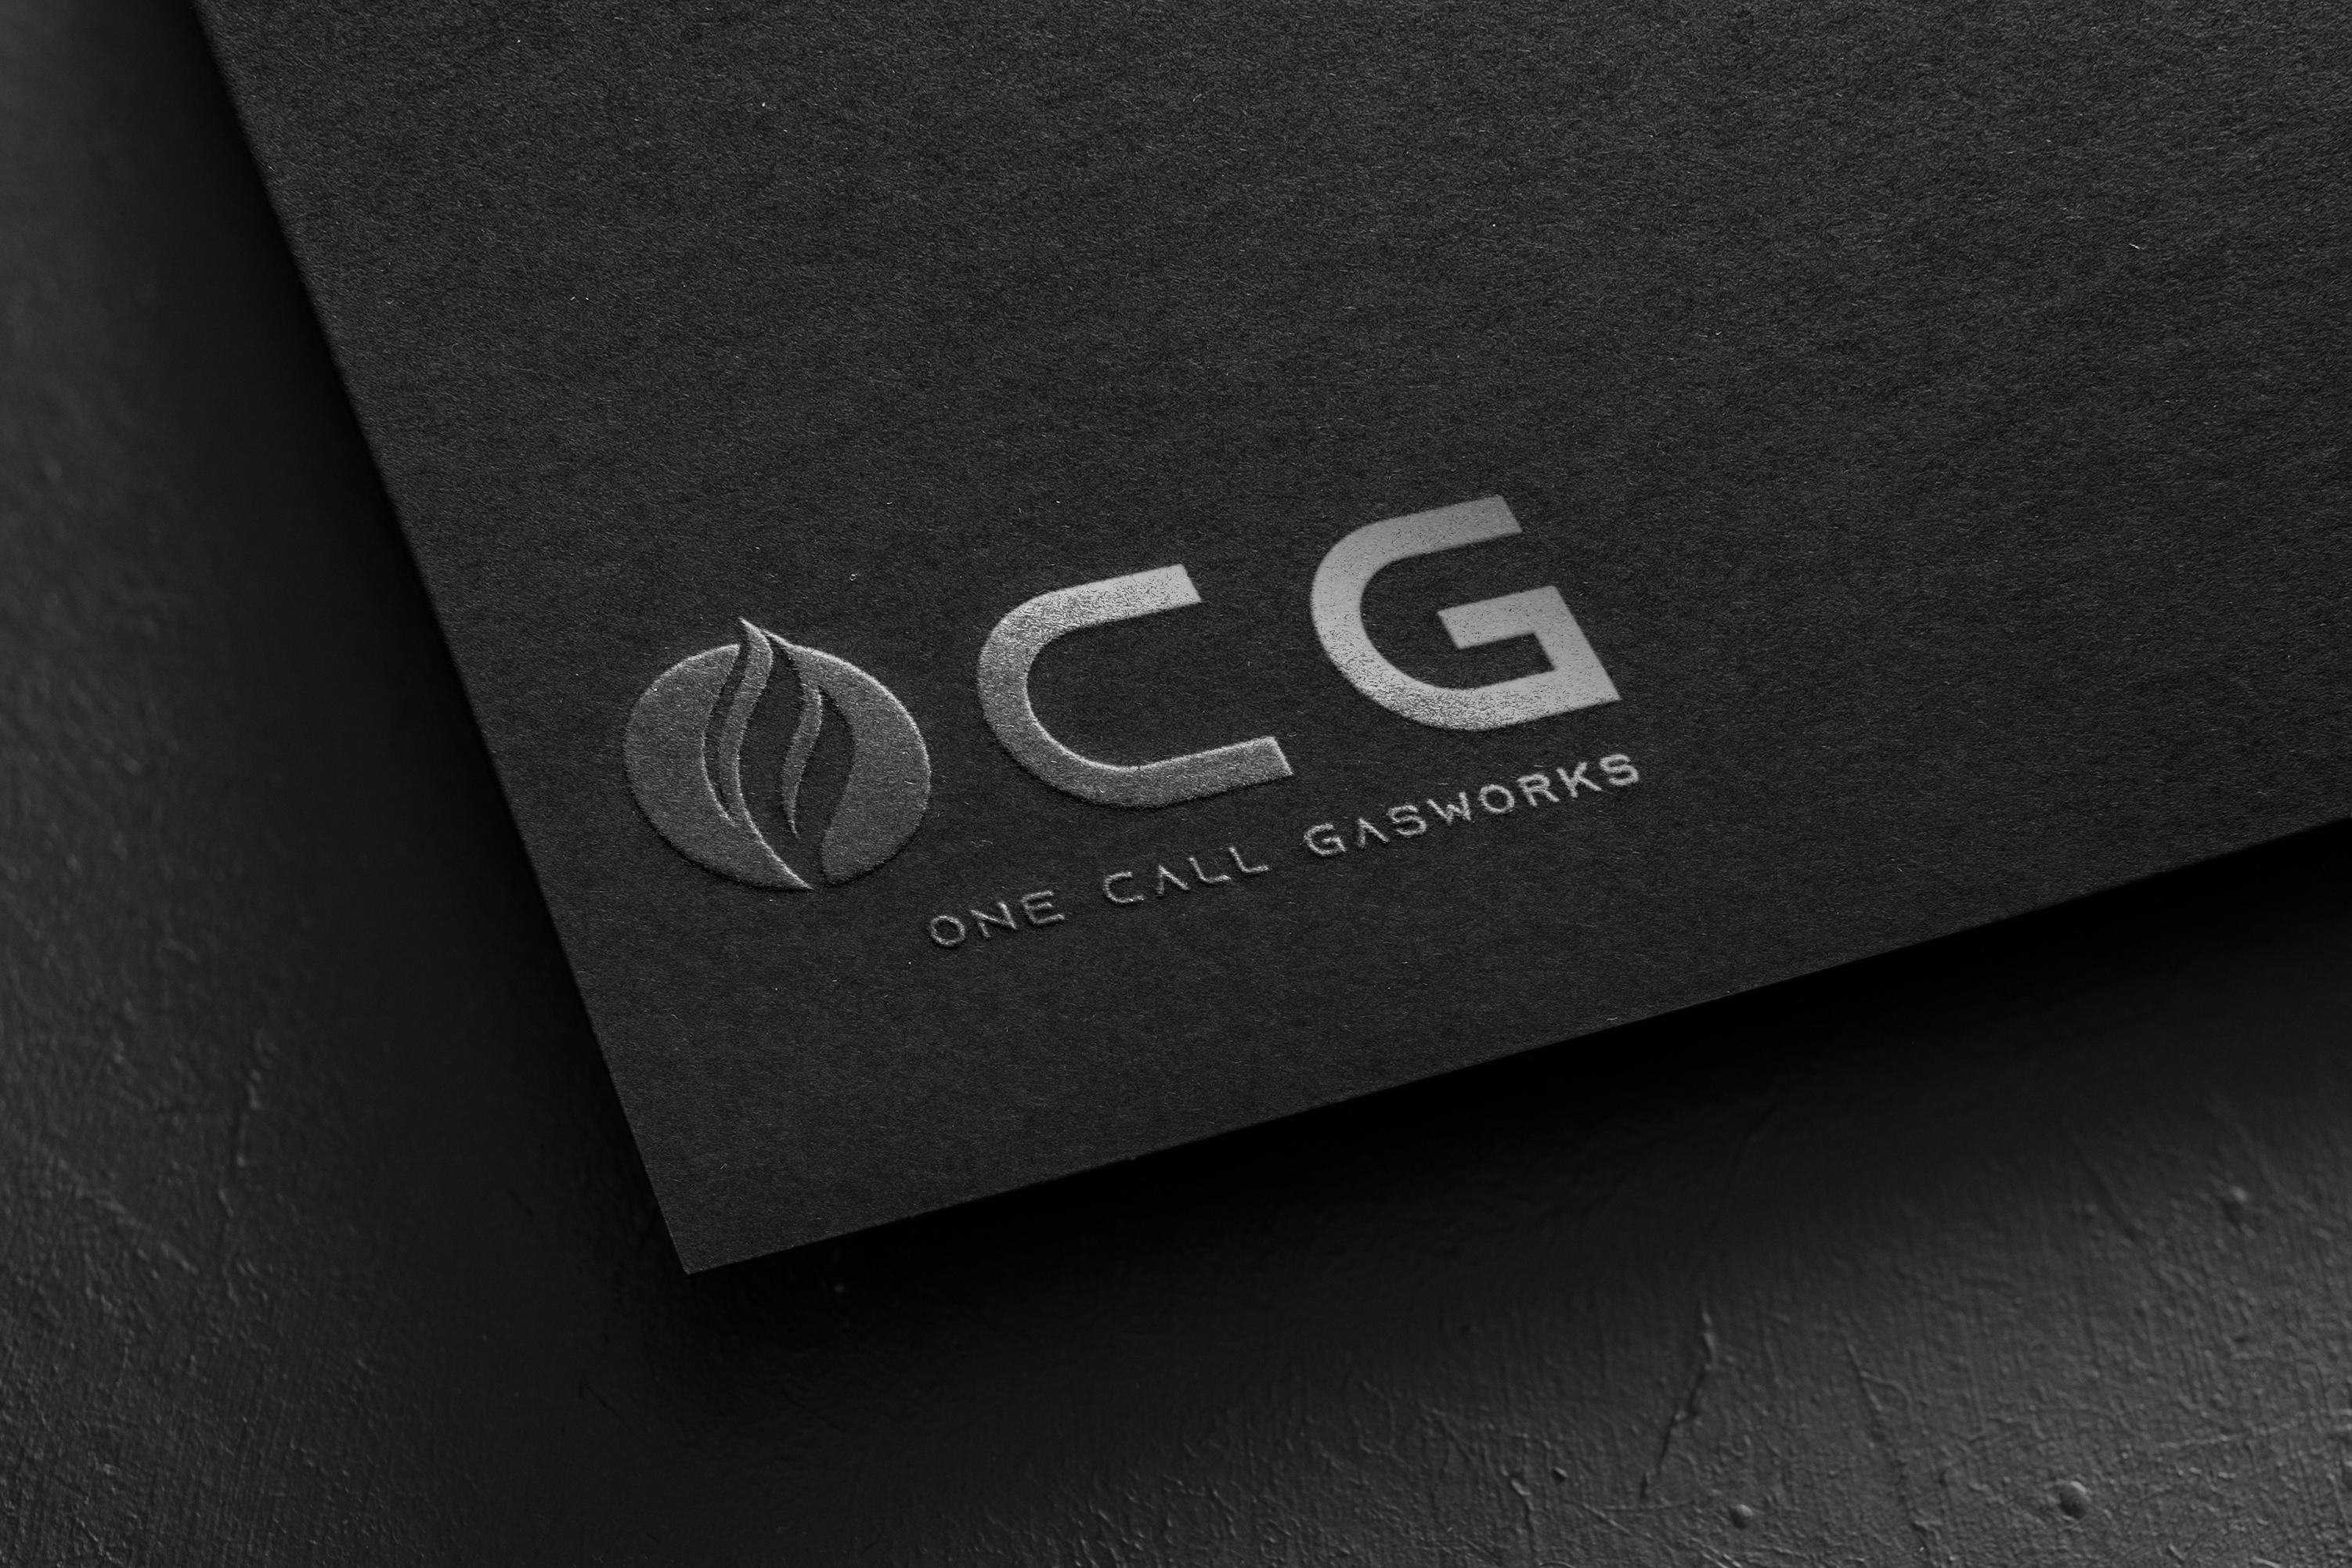 OCG Card